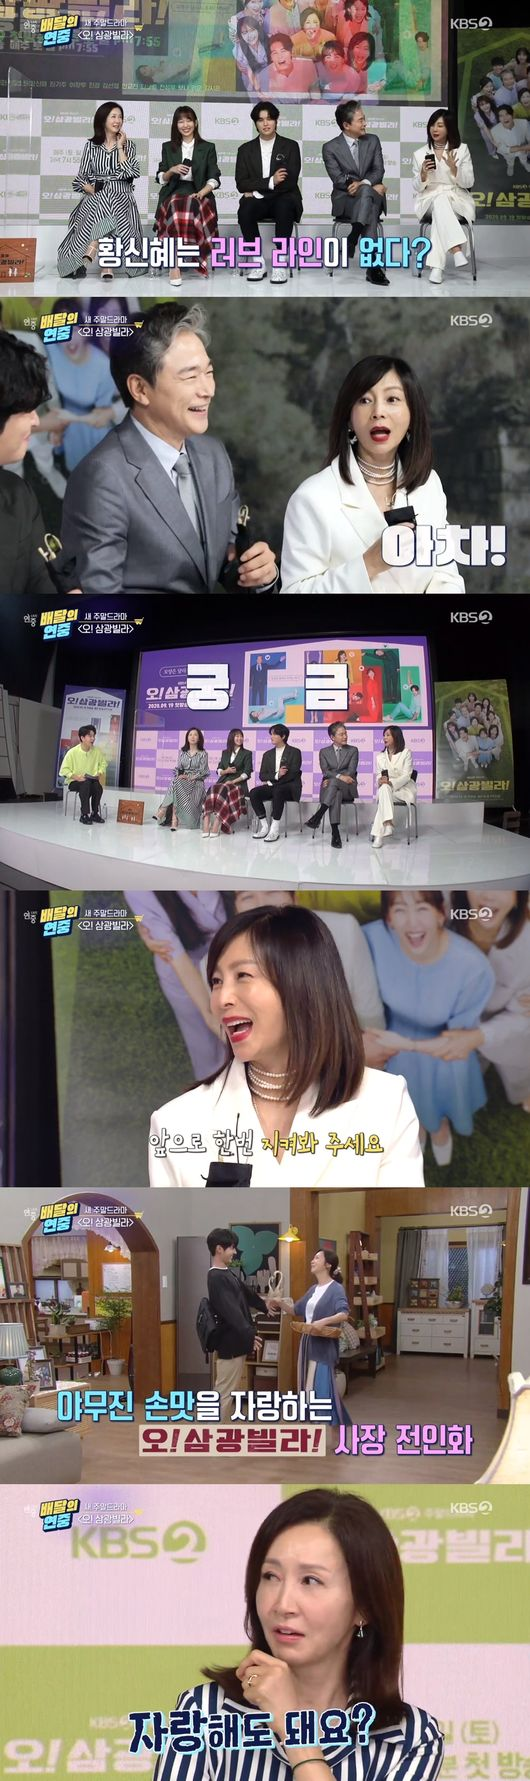 연중라이브 황신혜, 김용건과 교제? 앞으로 지켜봐주시길→미모? 딸 이진이 보다 나 [종합]